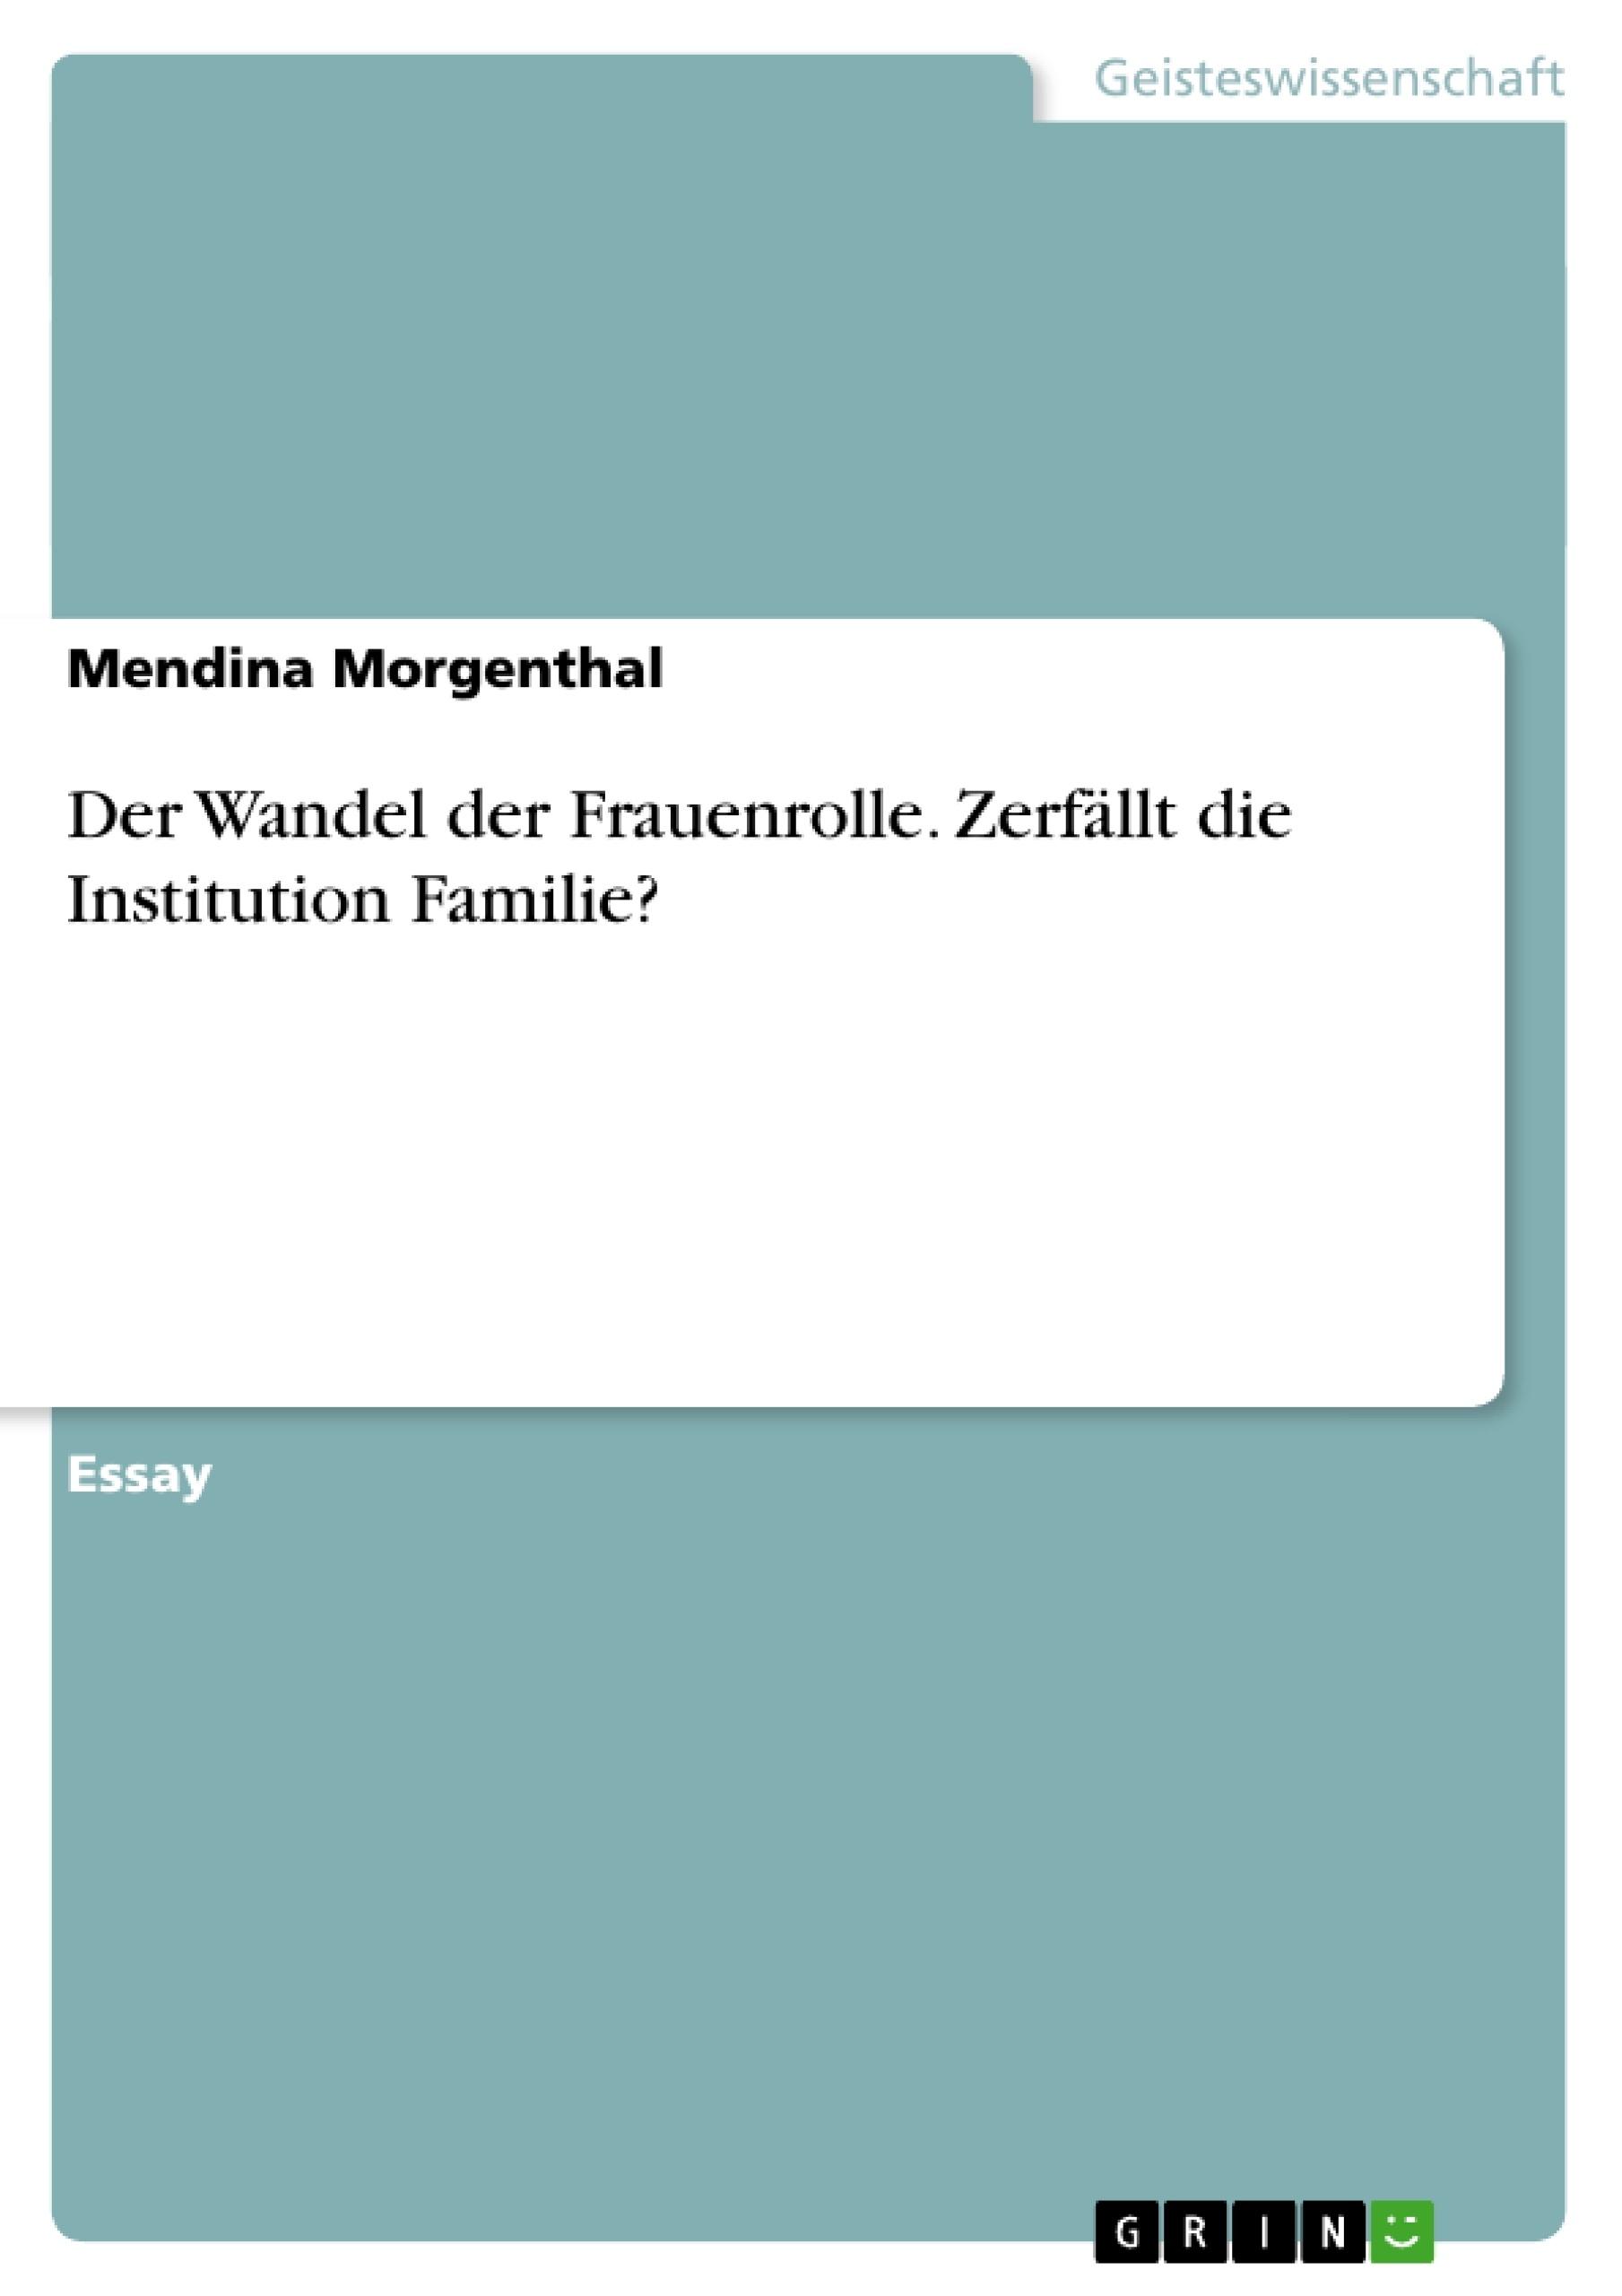 Titel: Der Wandel der Frauenrolle. Zerfällt die Institution Familie?